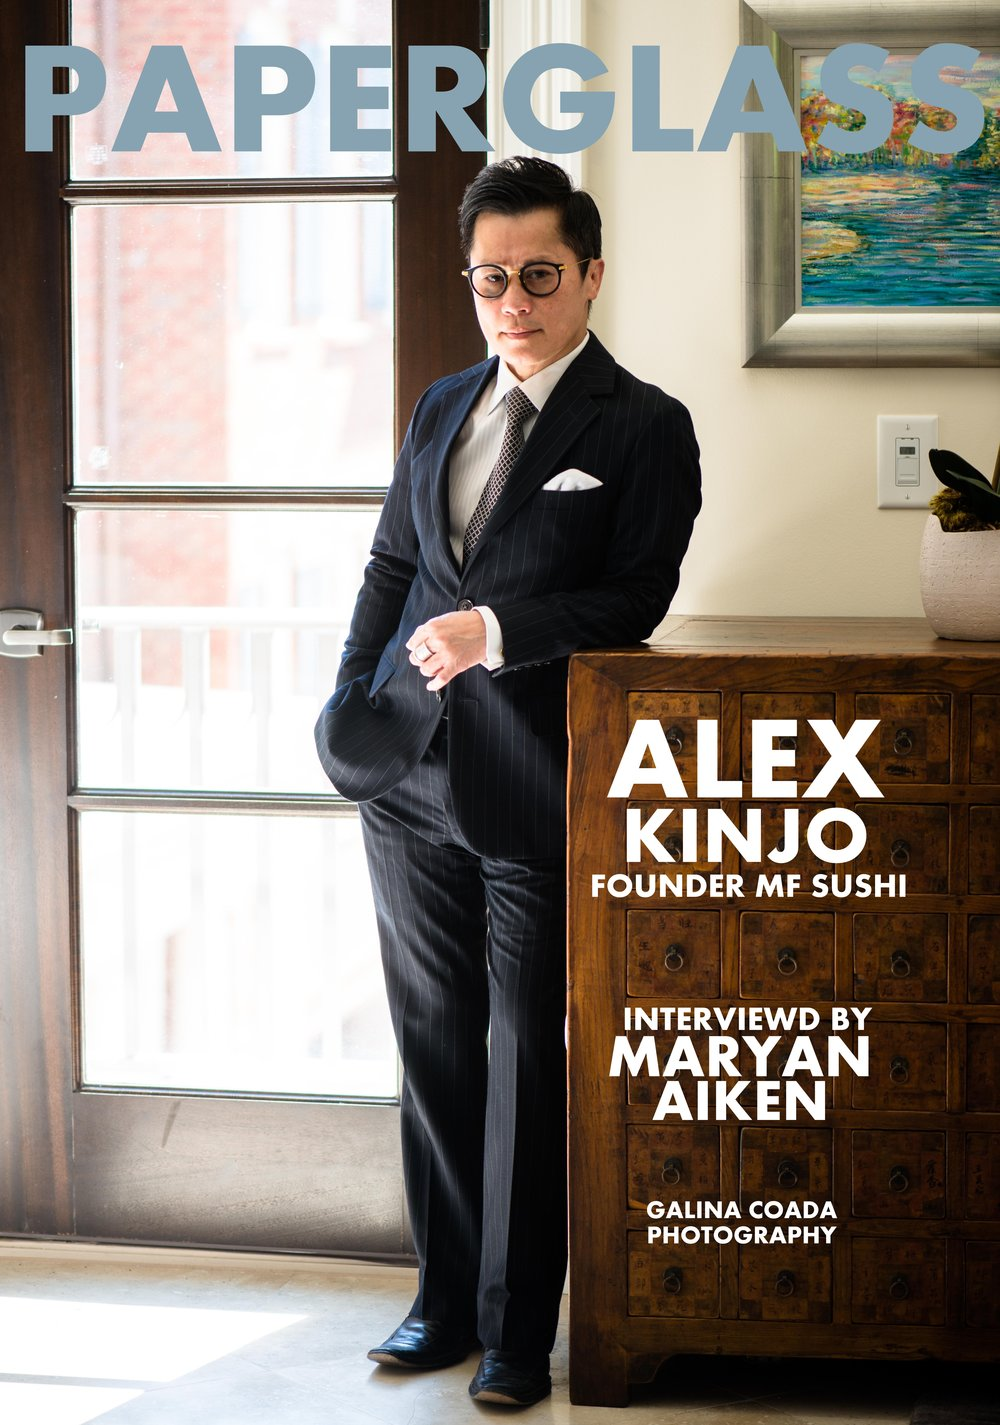 Alex kINJO cOVER  8 DSC_4463.jpg